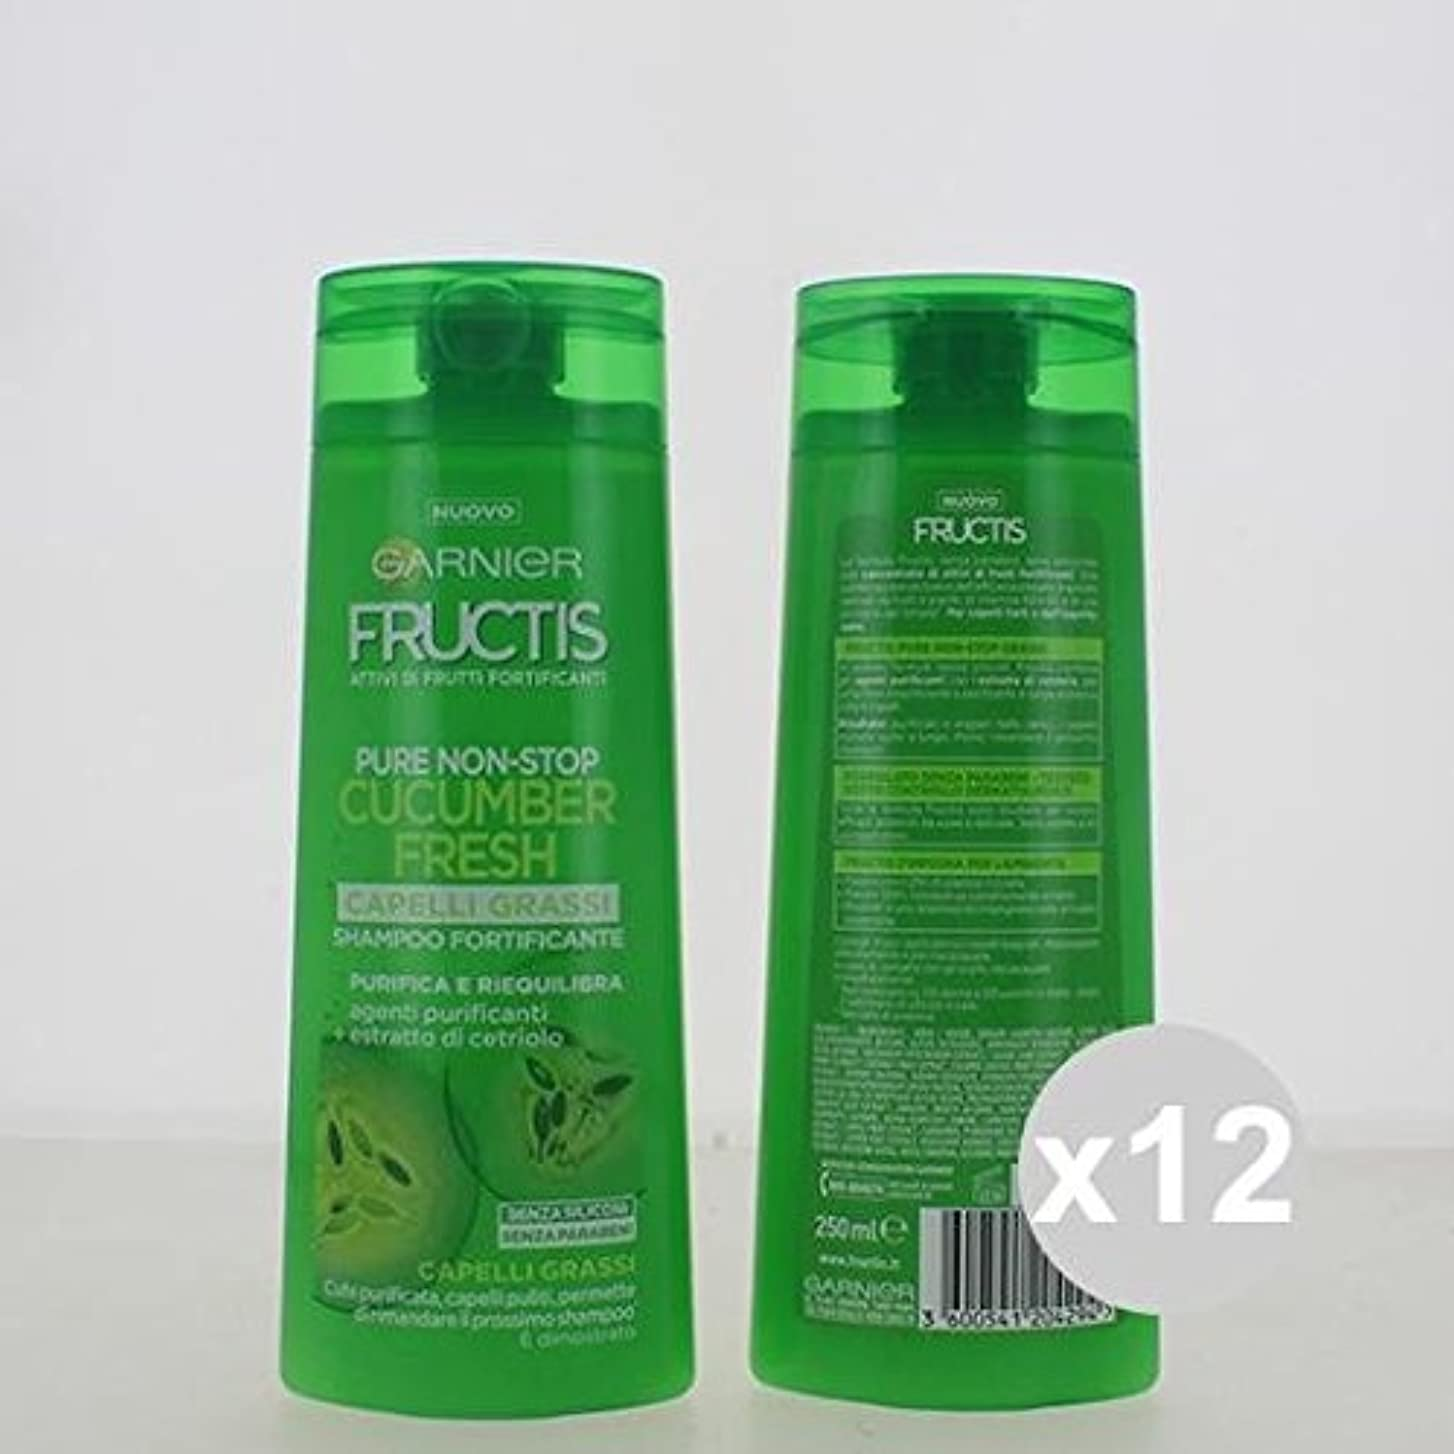 交差点ペグ幾分12 Fructisシャンプー250脂肪髪シャンプーとコンディショナー髪製品のセット